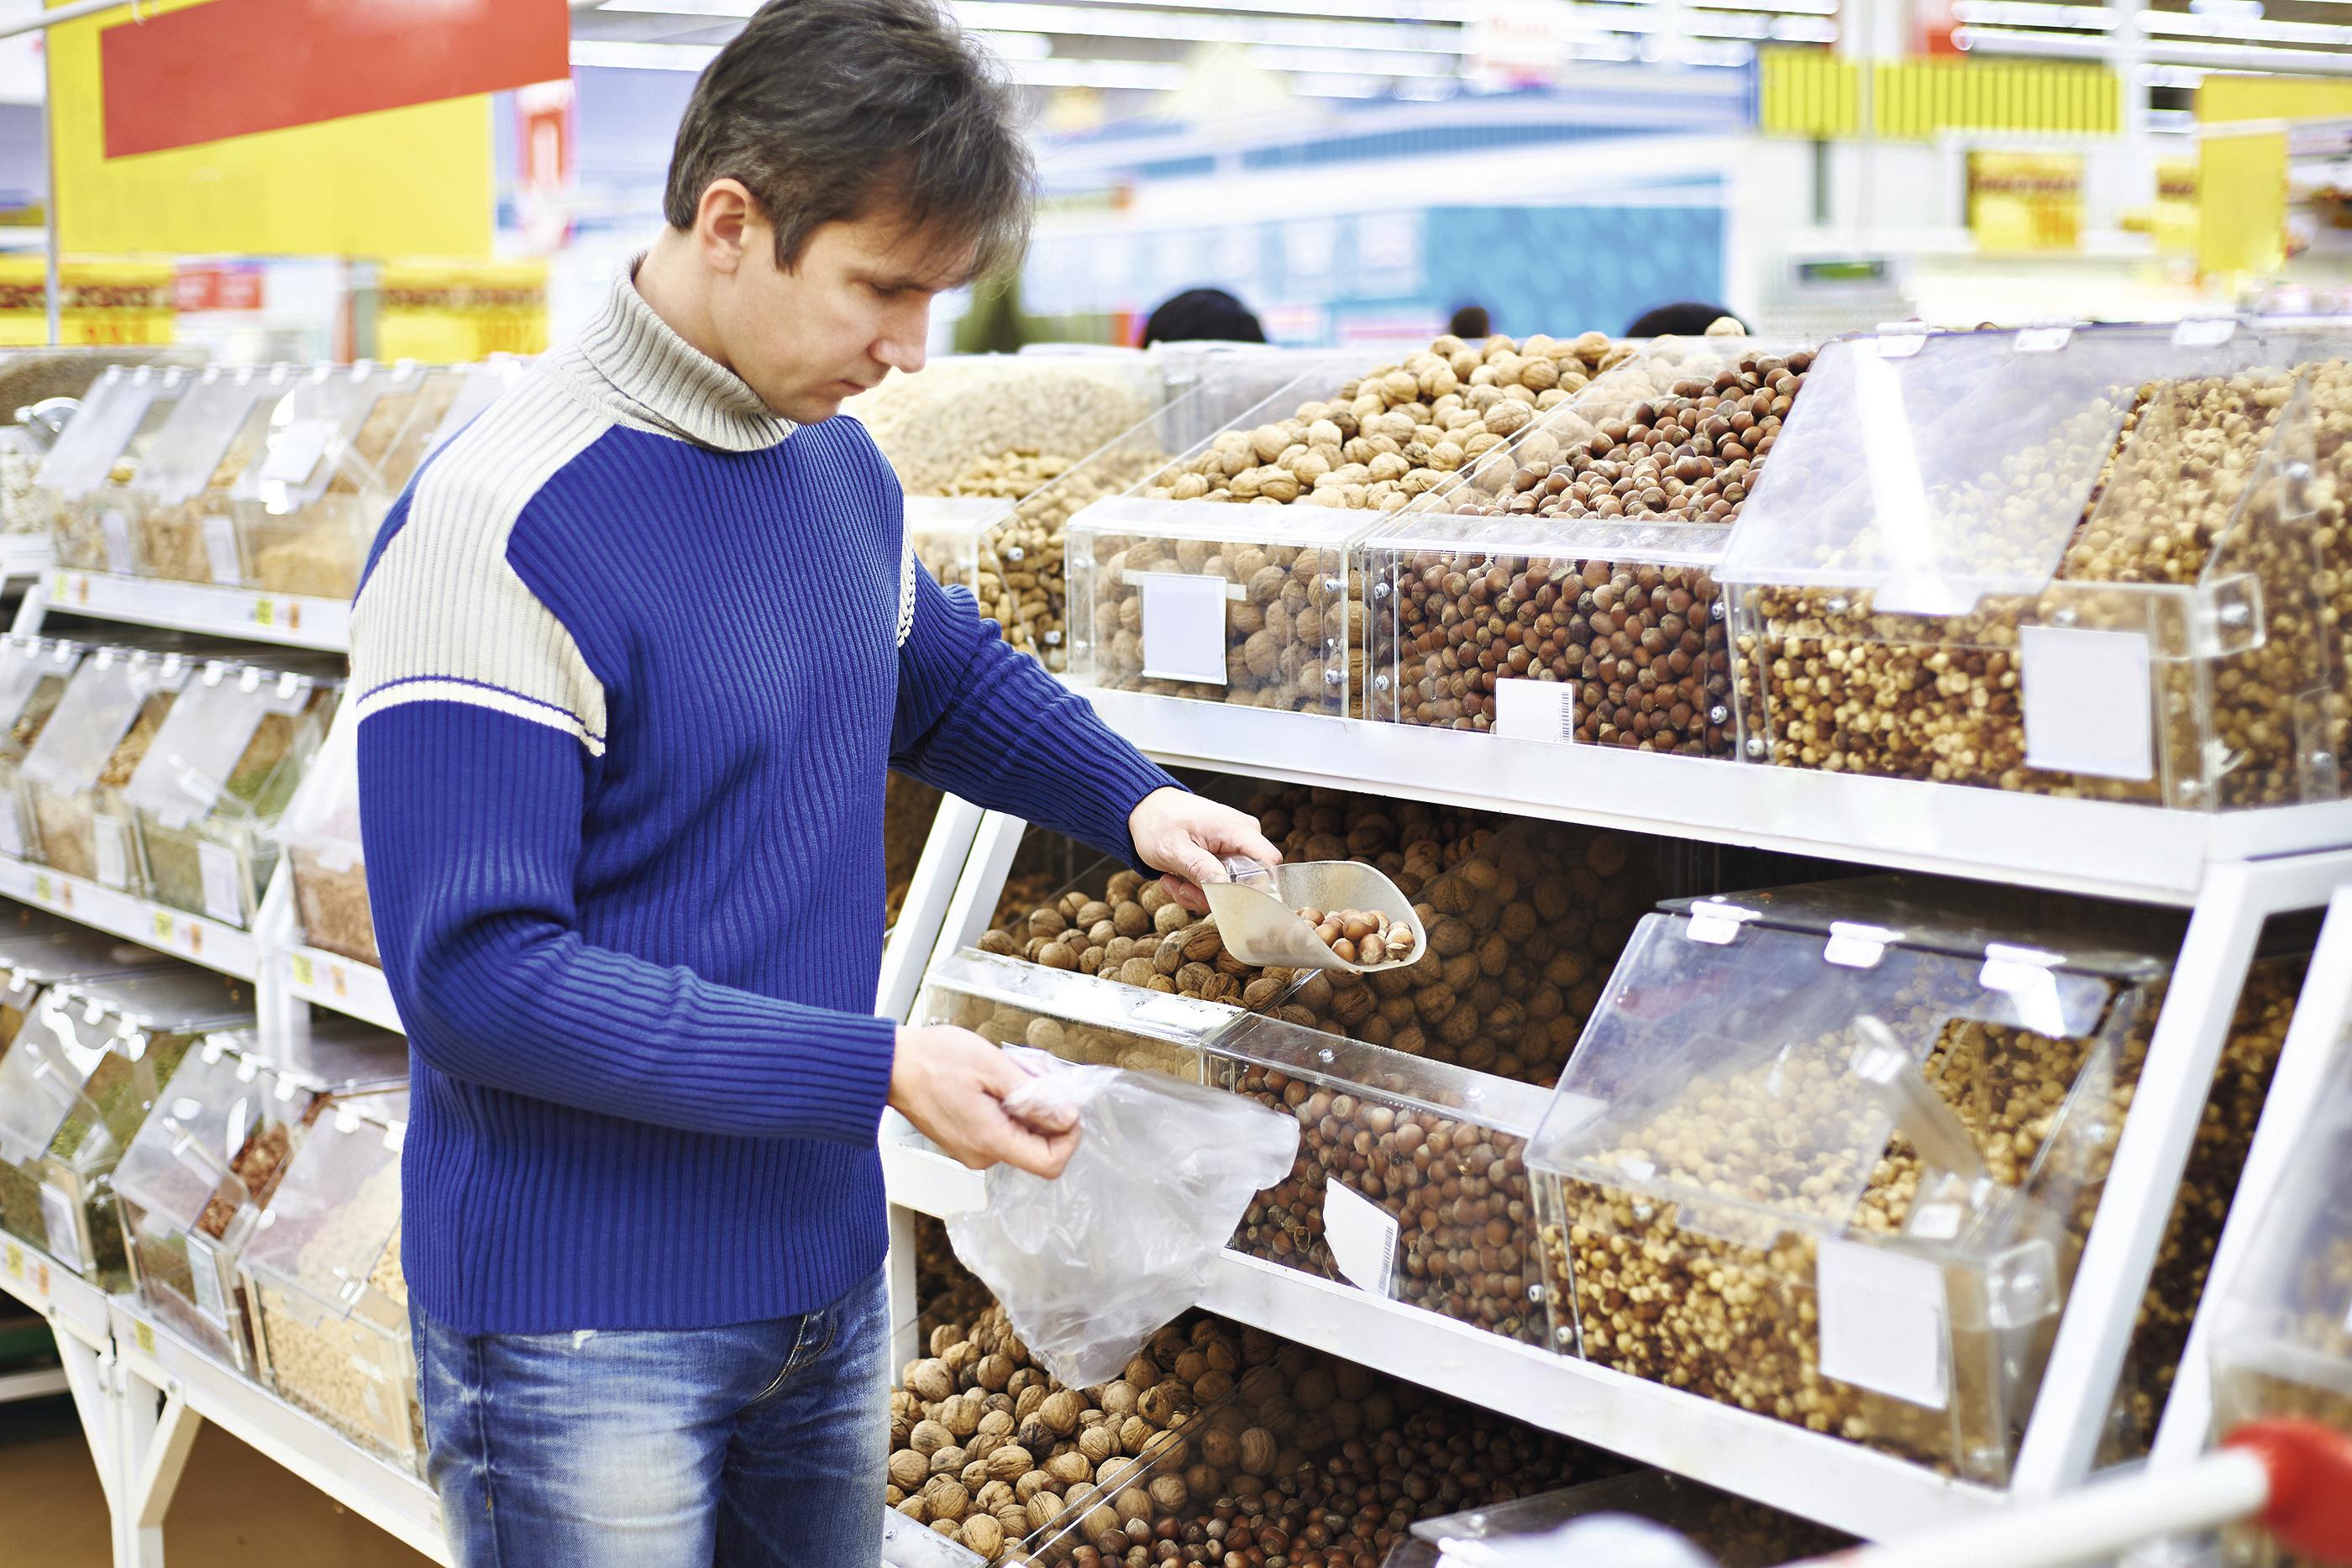 Consommation : le vrac peut-il sauver la planète ?